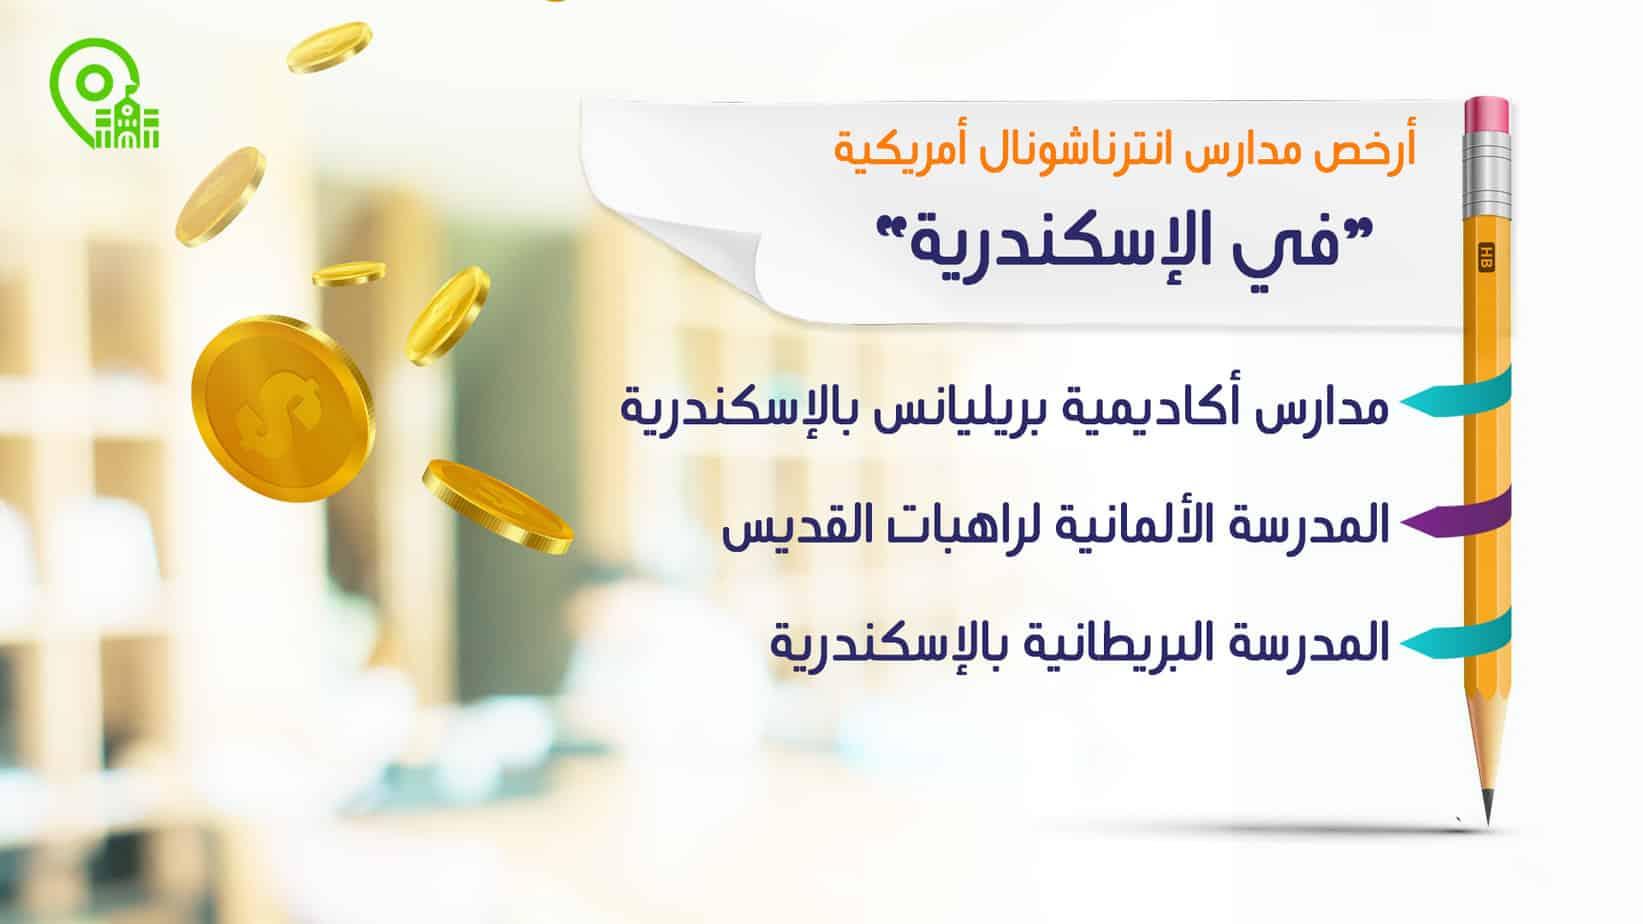 أرخص مدارس انترناشونال في الإسكندرية